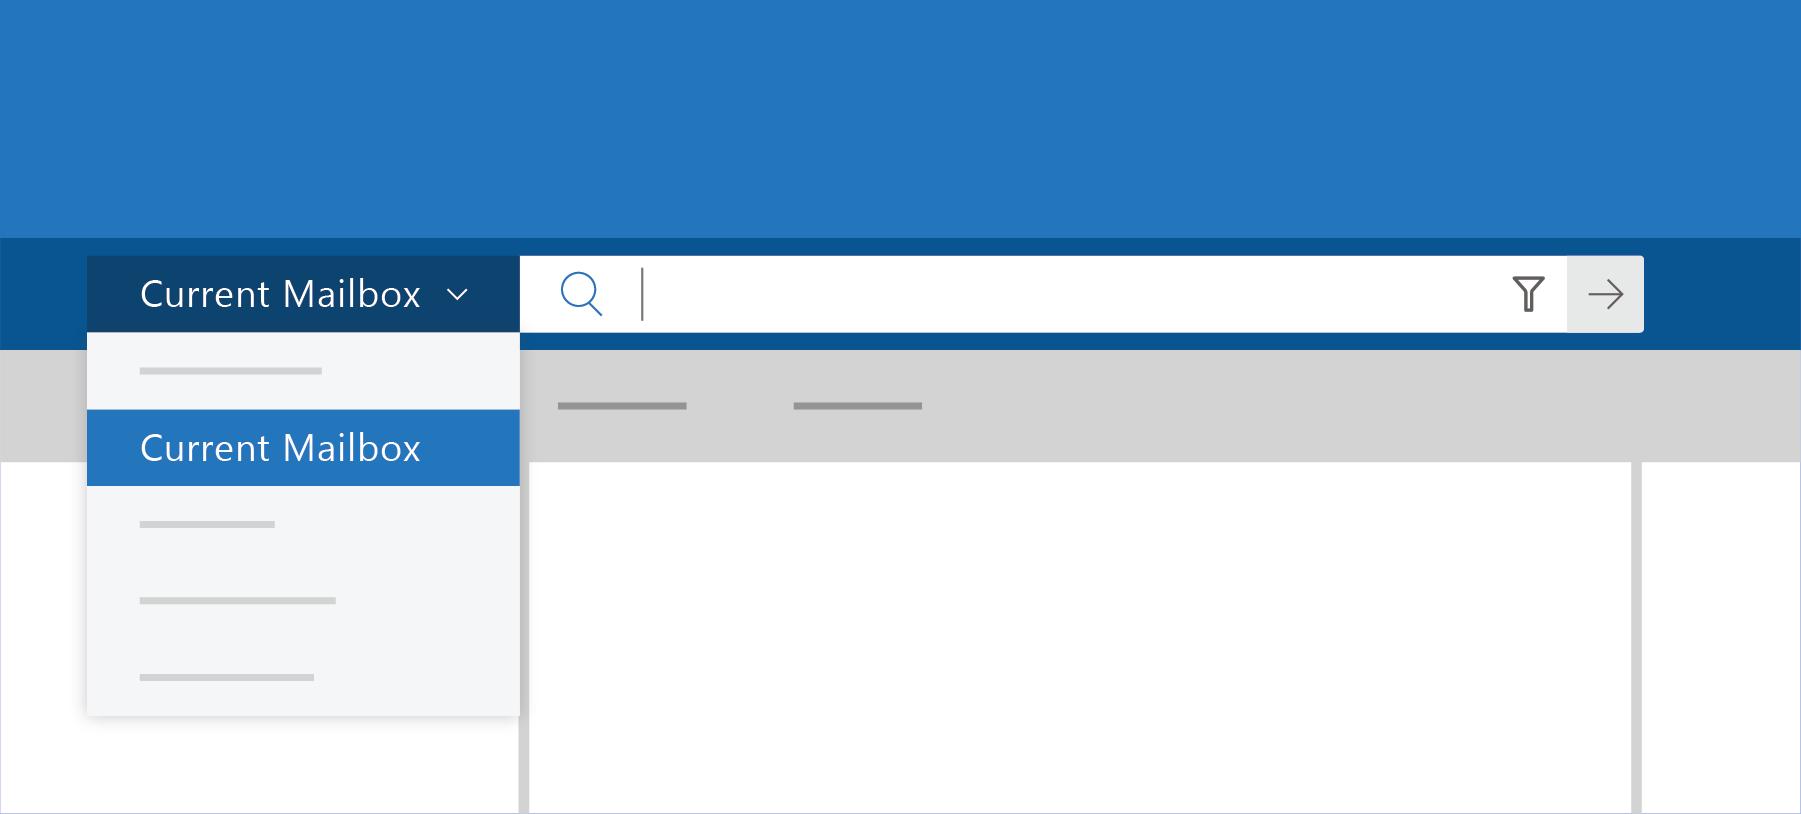 הצגת חיפוש ב- Outlook